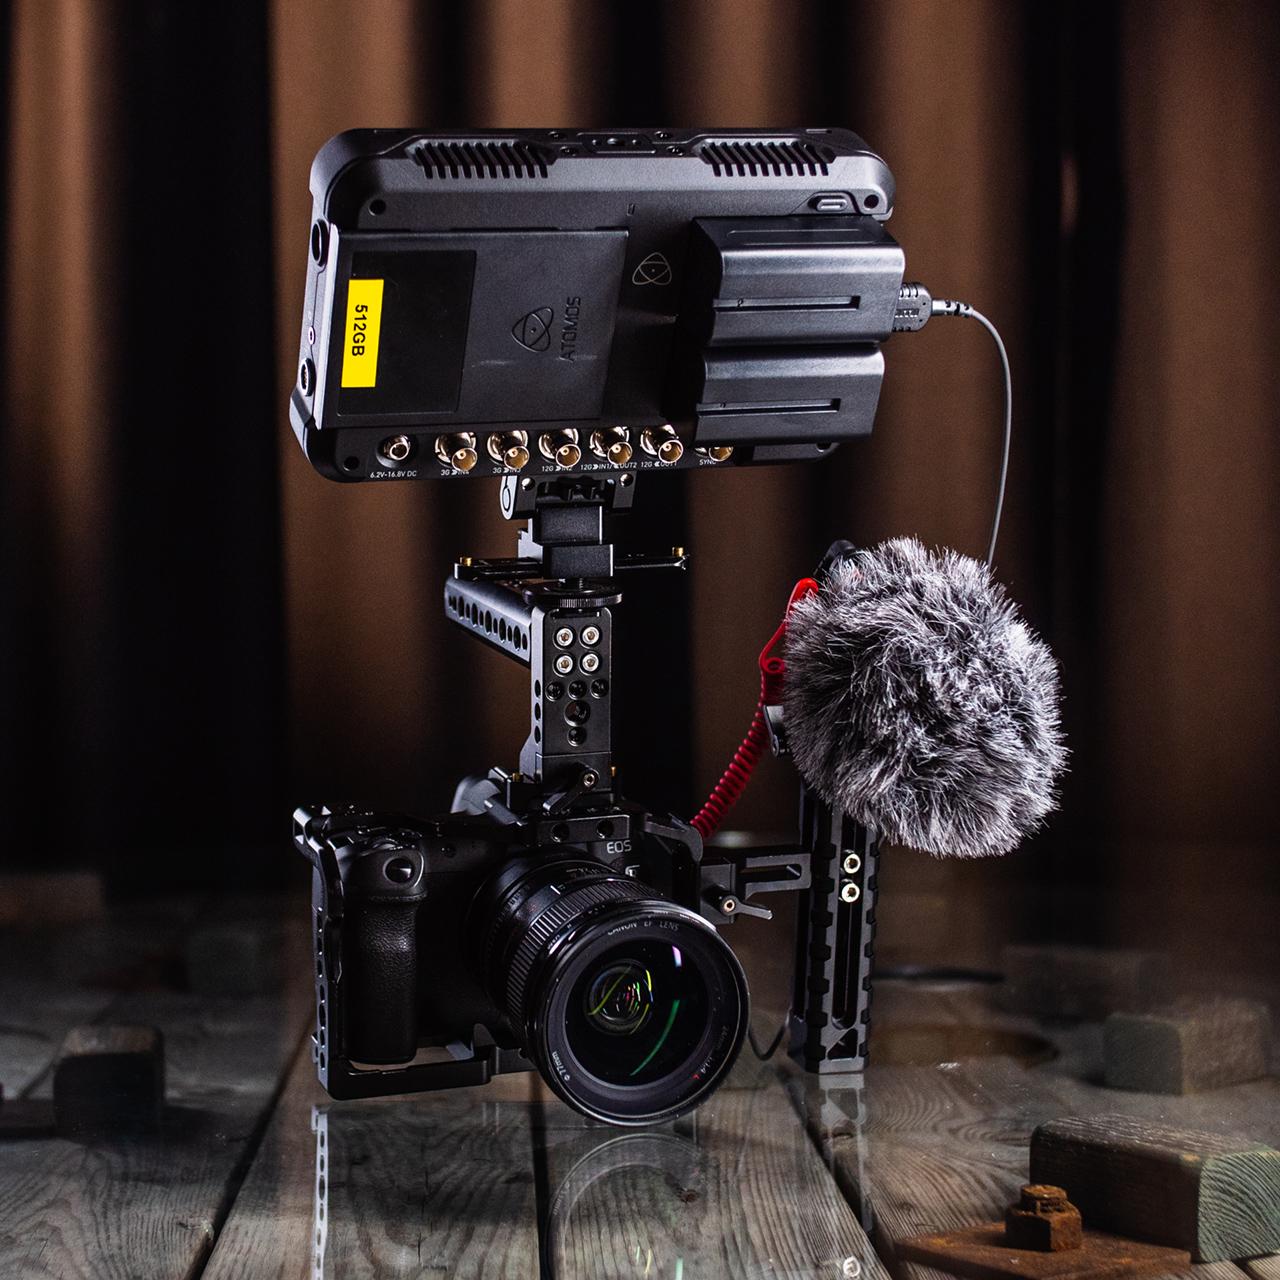 Filmavdelningen_Canon_EOS R_kitt_Atomos_shogun7_24-70mm_optik_Hyr_Sundsvall_START kopiera